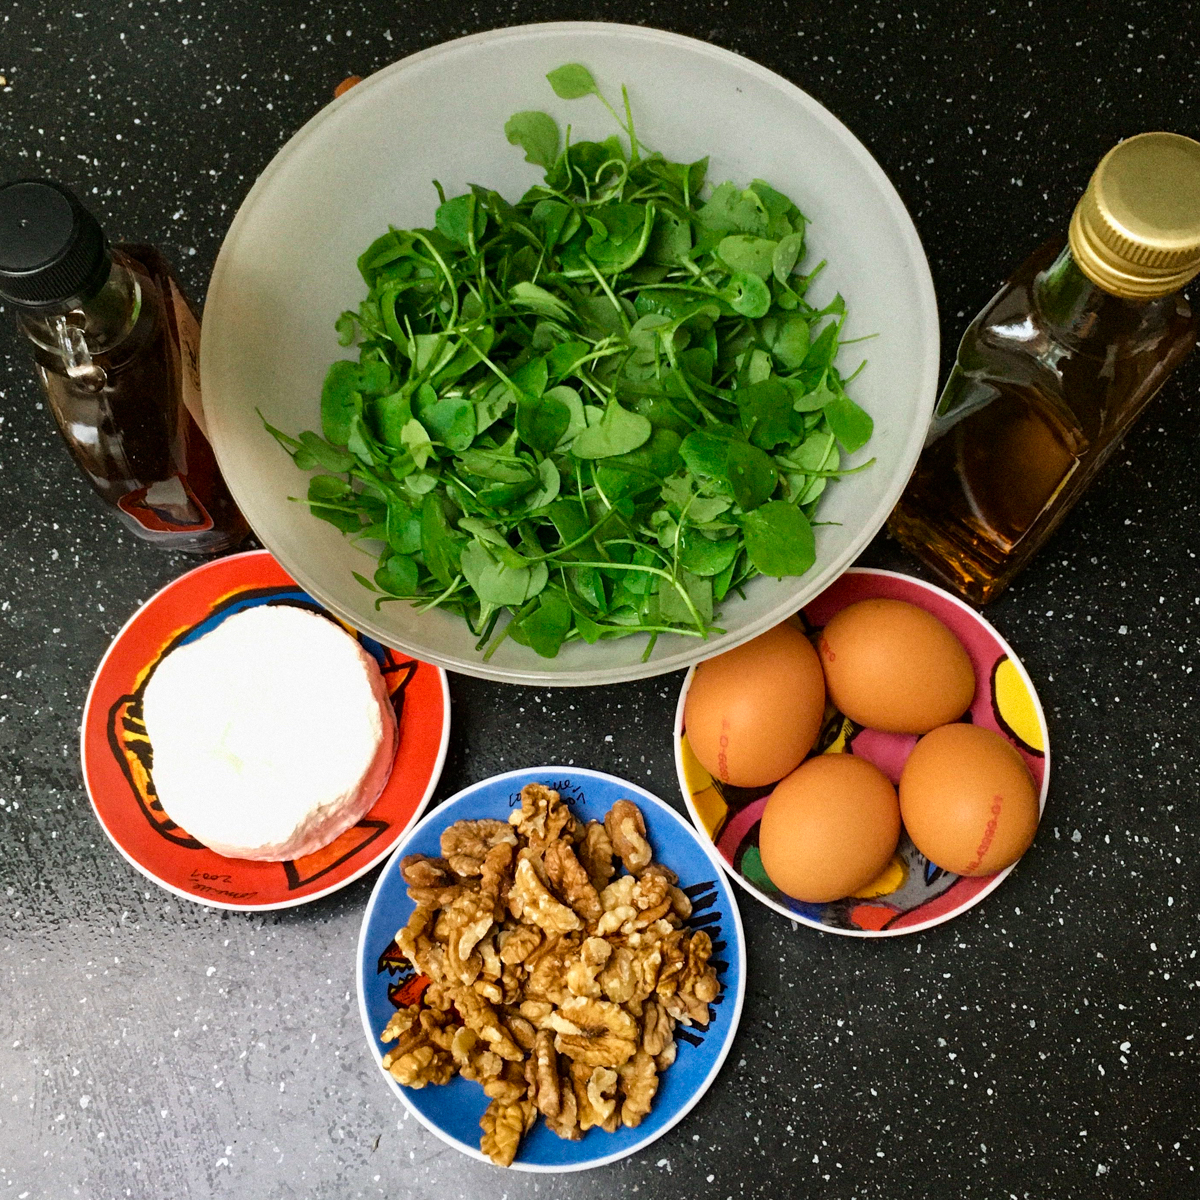 Ingredienten voor salade met winterpostelein en walnoten